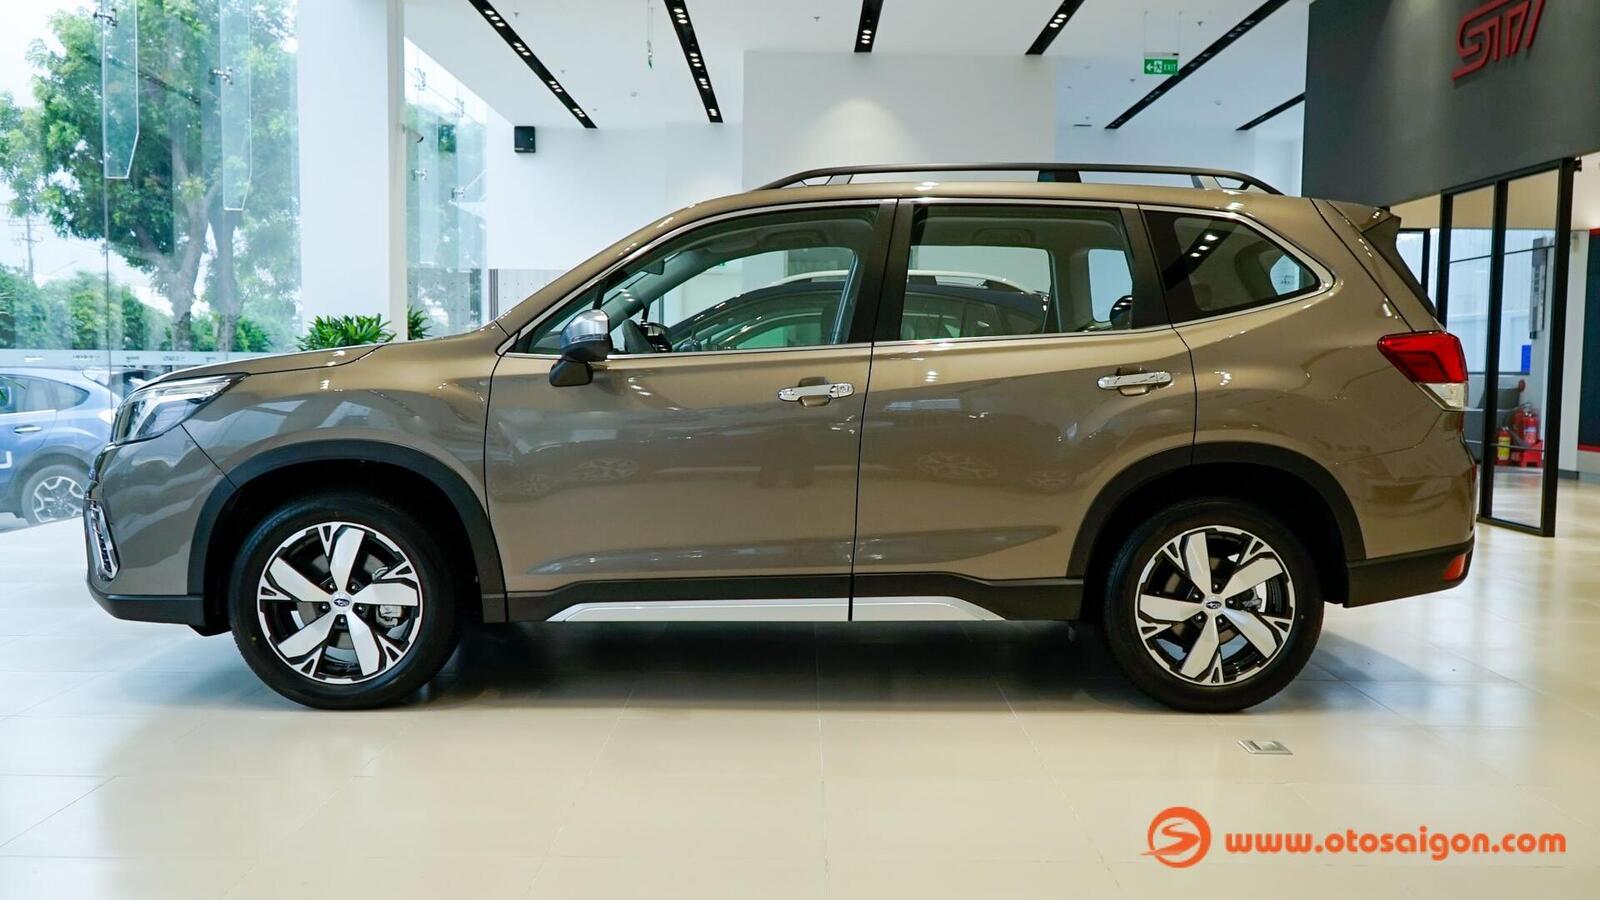 Đánh giá nhanh Subaru Forester thế hệ mới và sự khác biệt giữa hai phiên bản - Hình 22